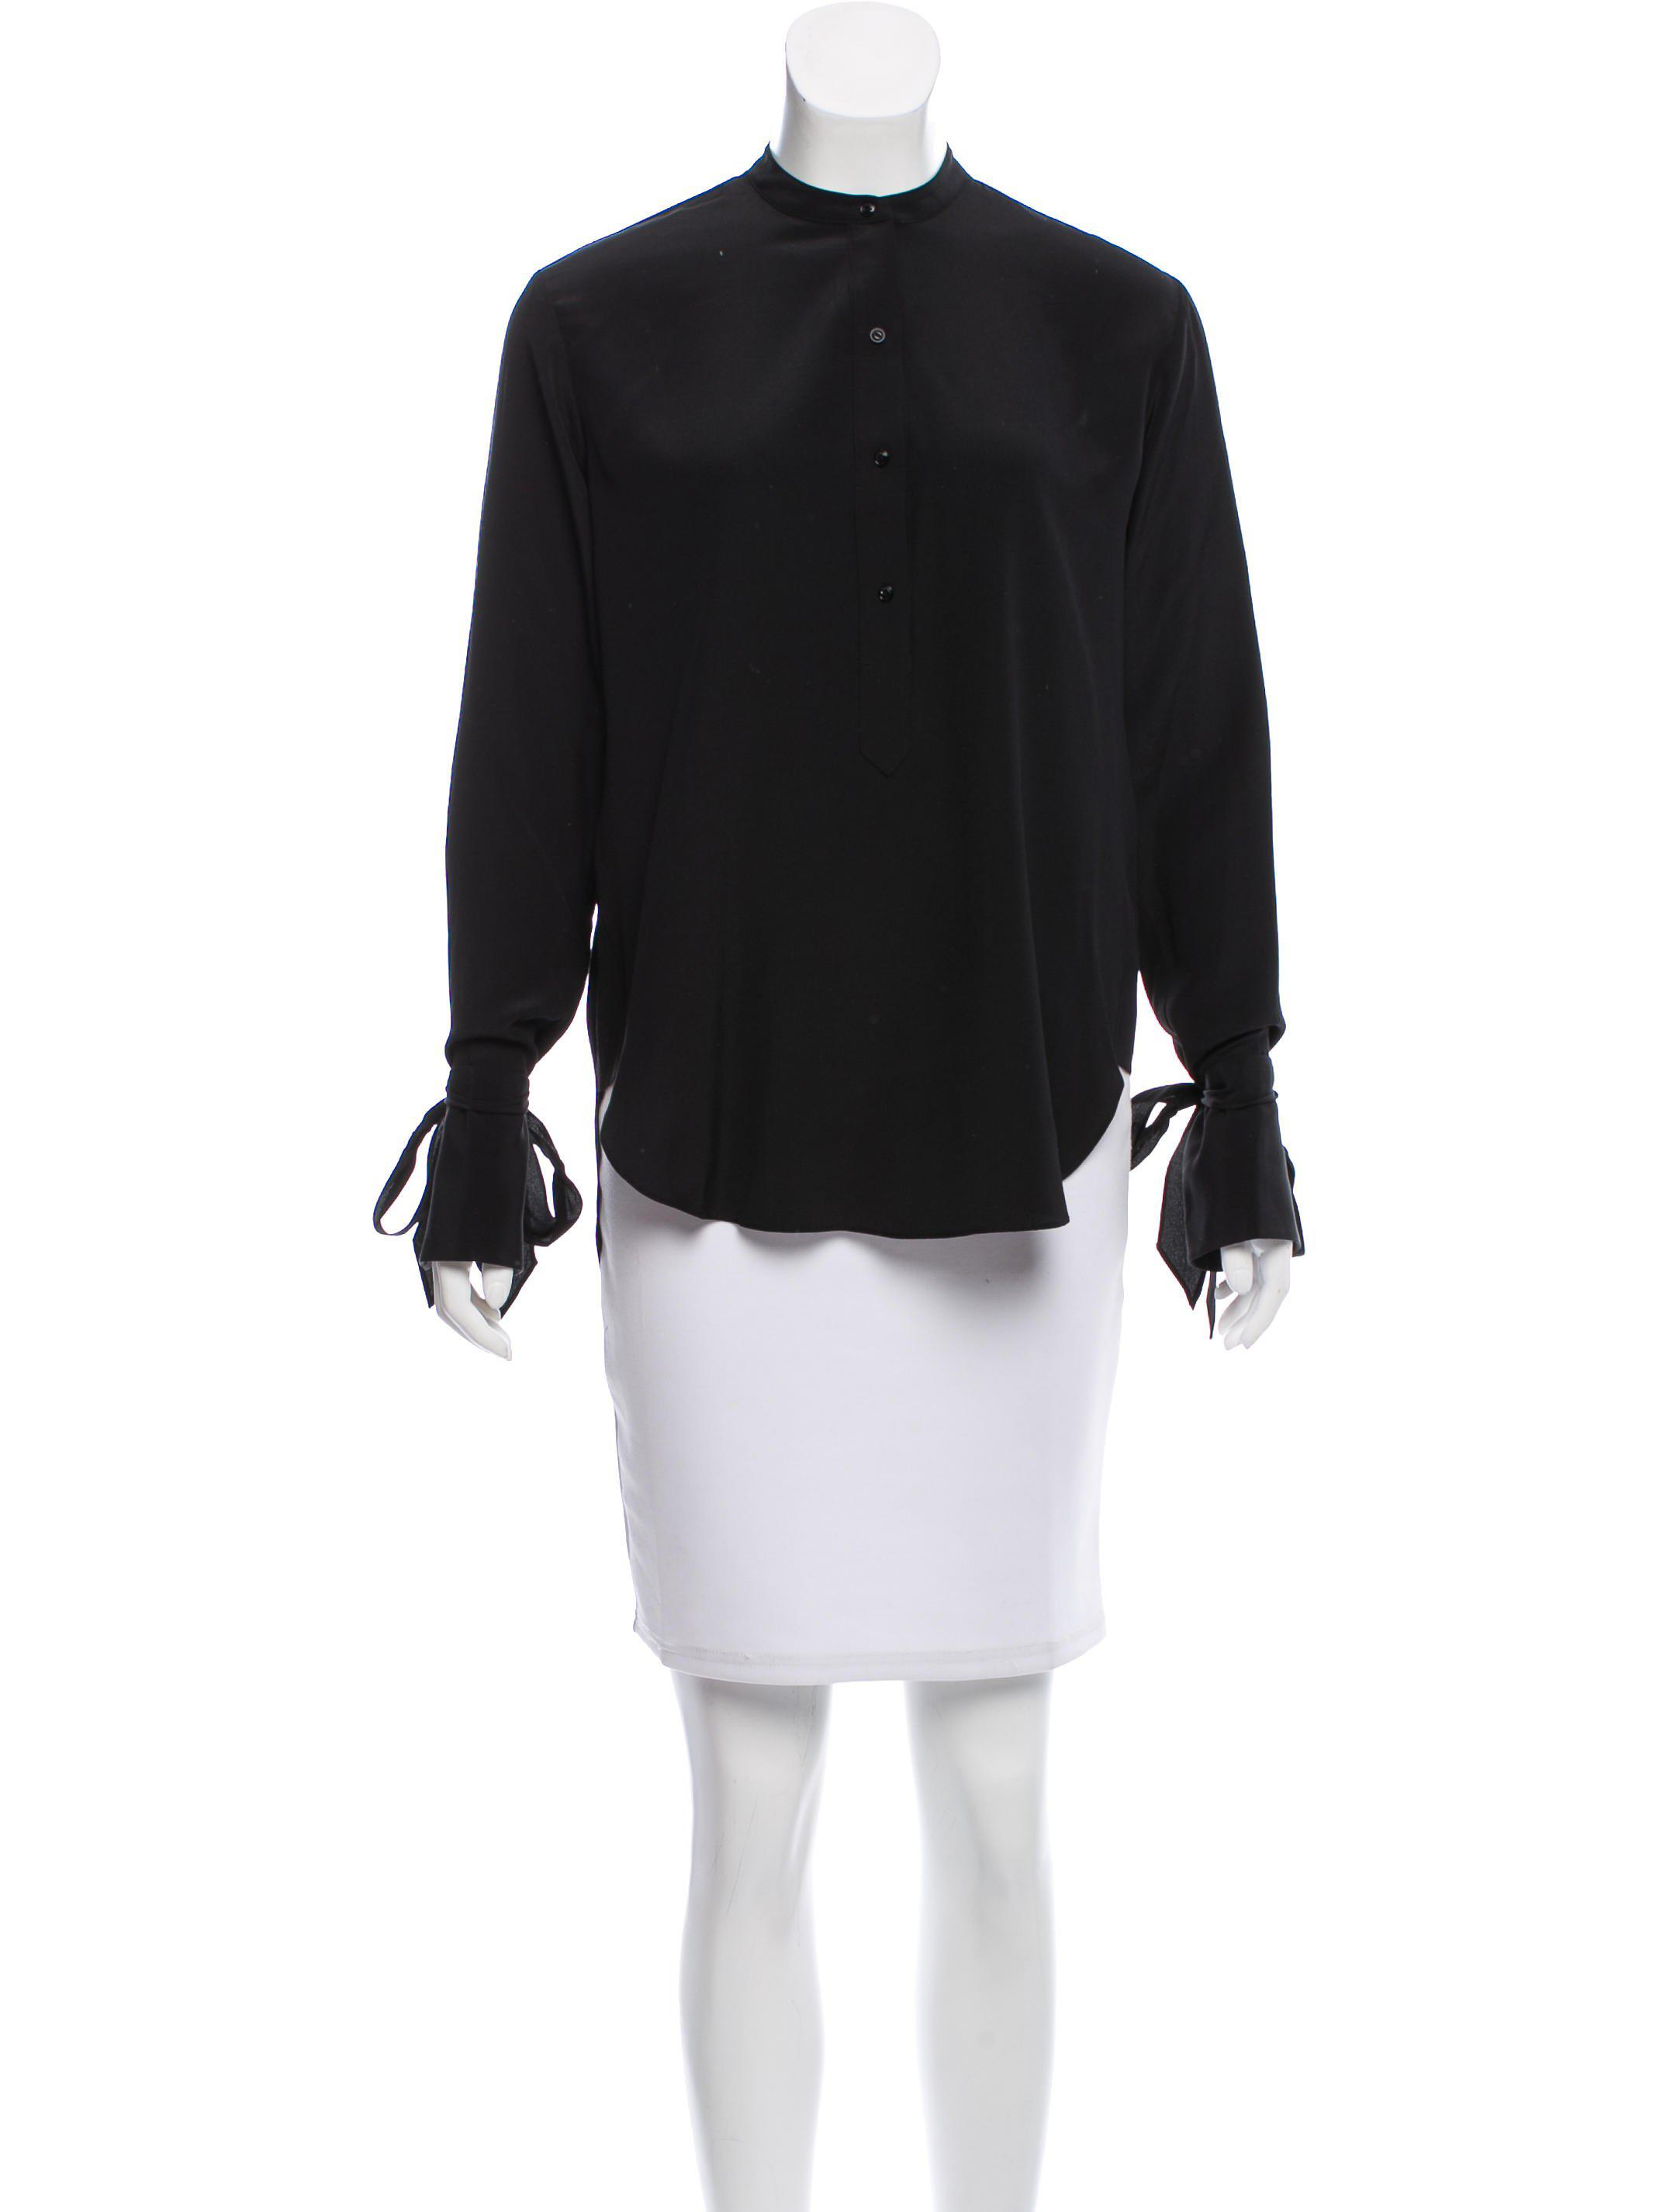 a7bee9cf8e8cbe Lyst - Rag   Bone Silk Cutout Top in Black